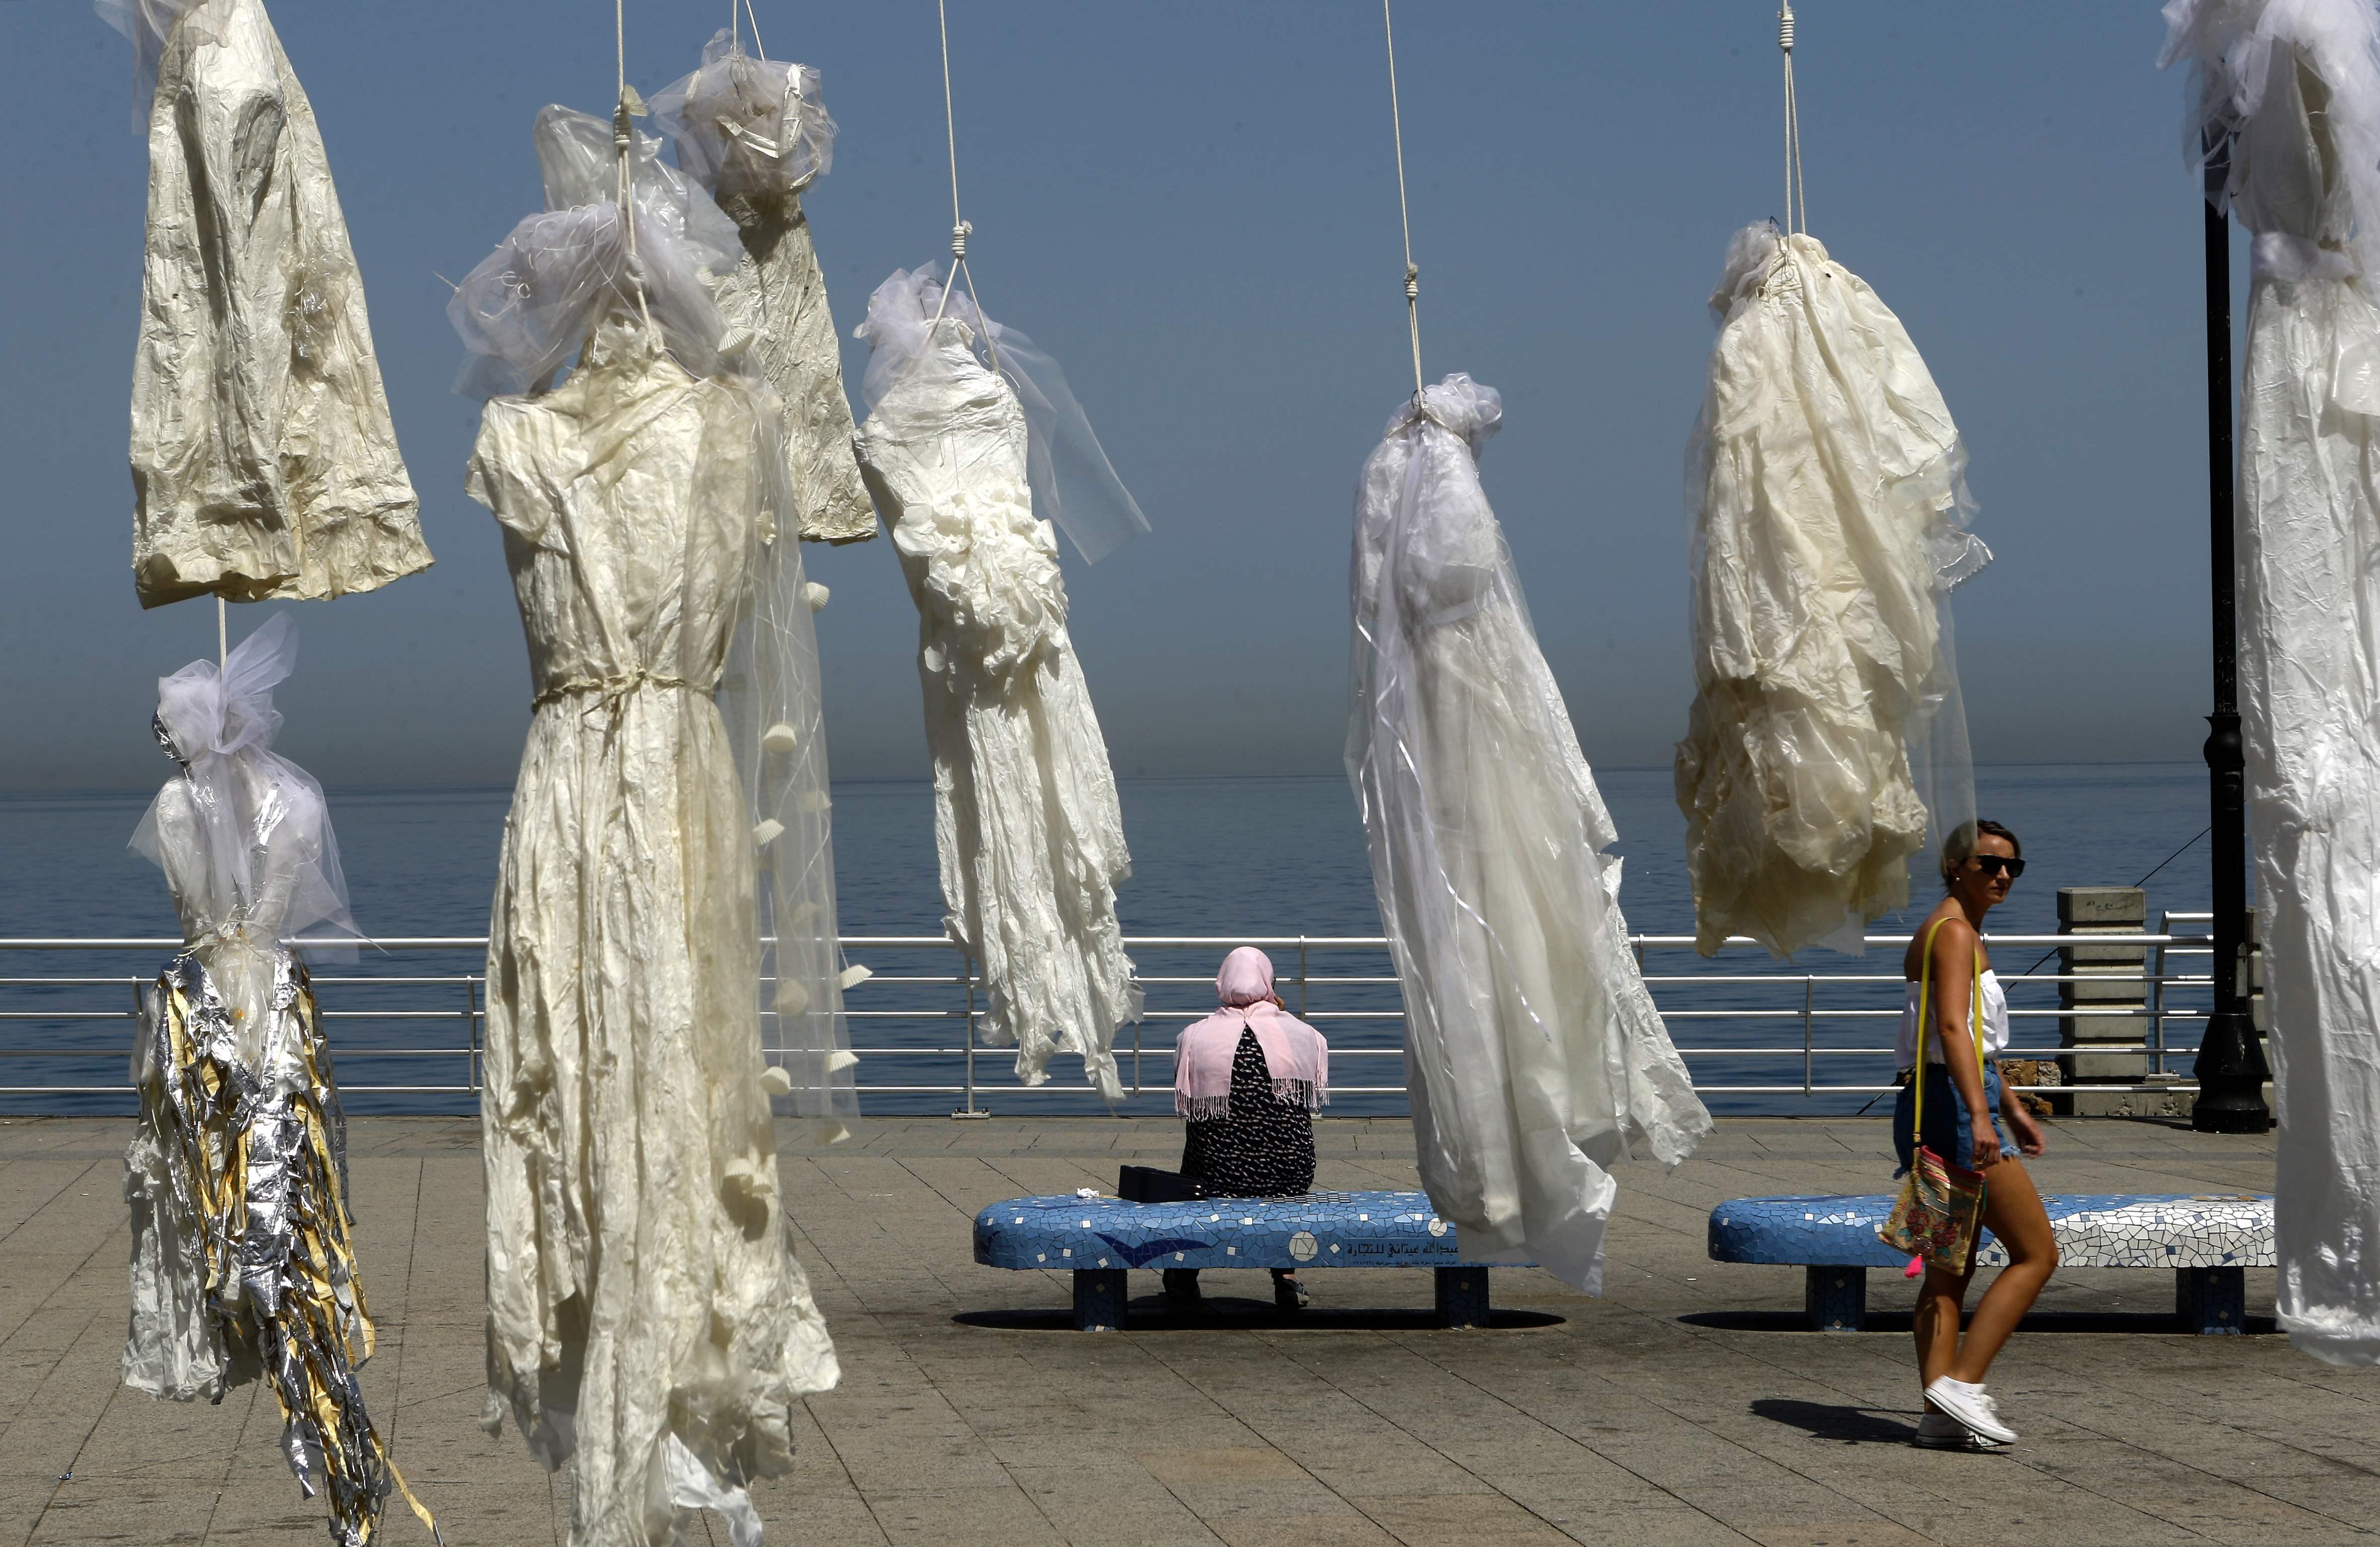 احتجاج لبنانى على اعفاء المغتصب من العقوبة